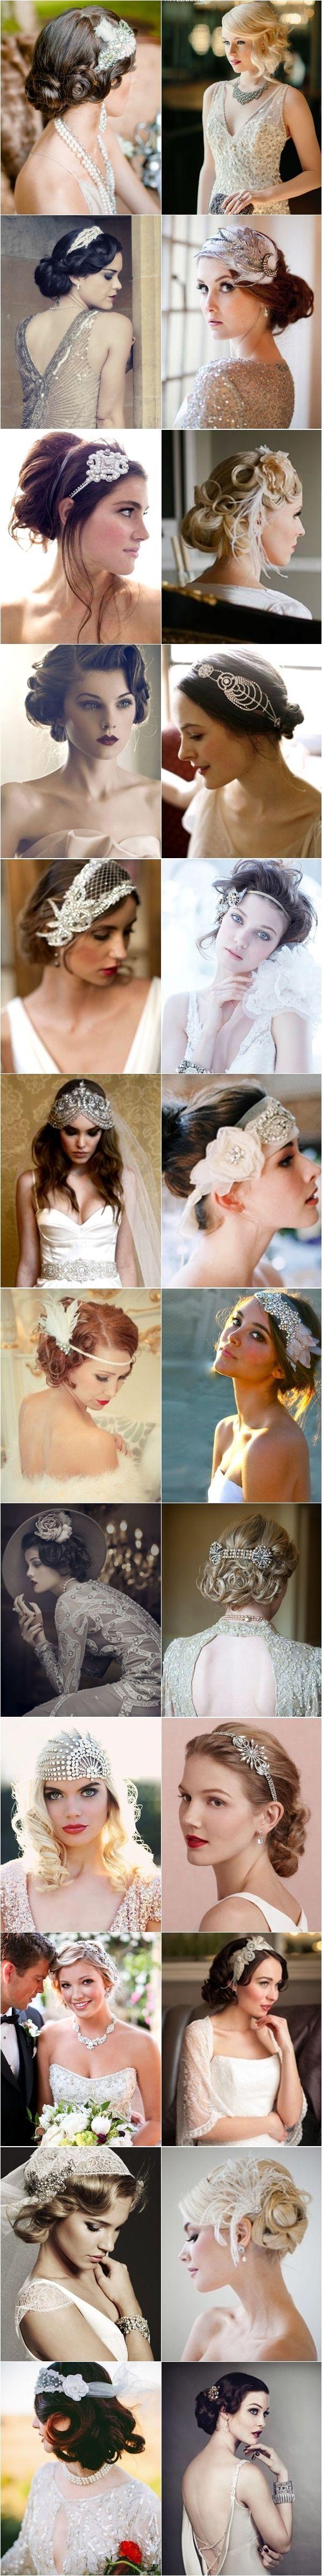 Un collage de peinados estilo vintage #peinados #vintage #EssenceMx #boda #wedding #novia #hairstyle